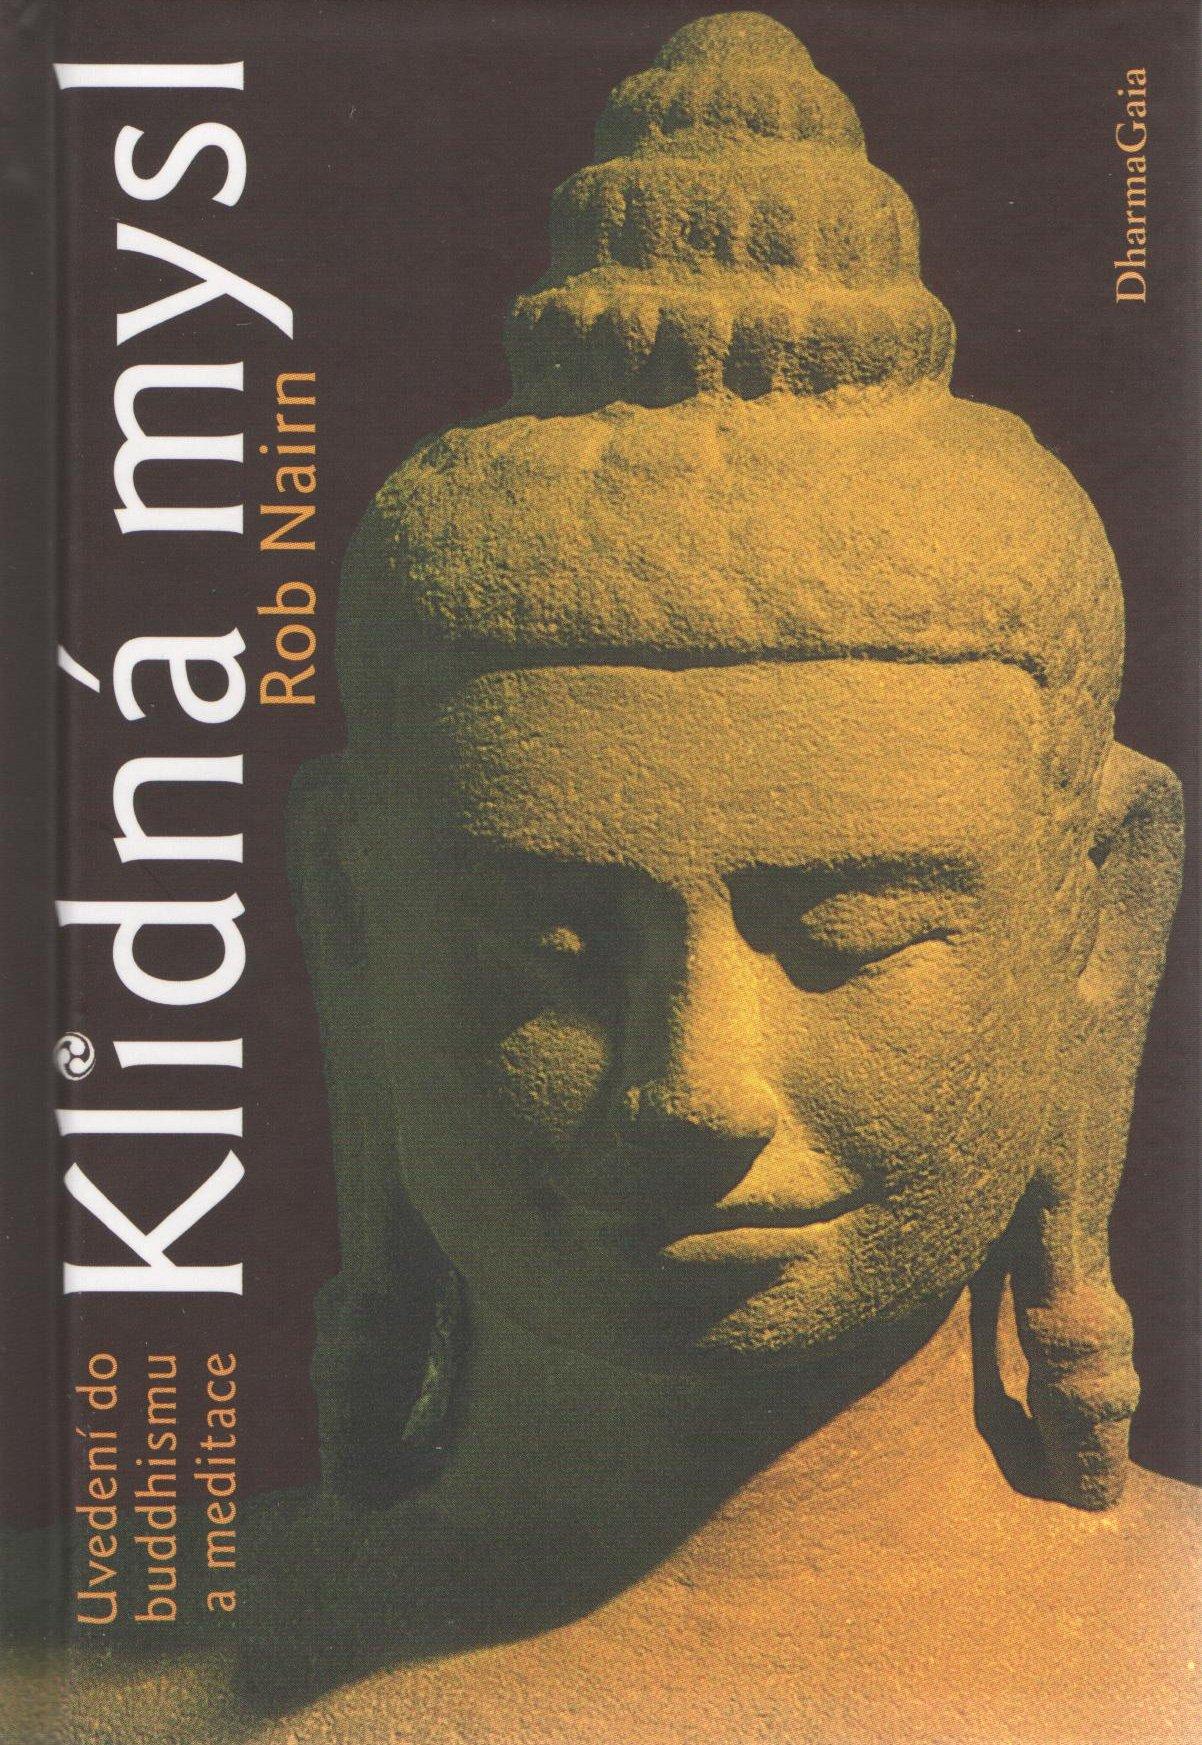 Klidná mysl - Uvedení do buddhismu a meditace